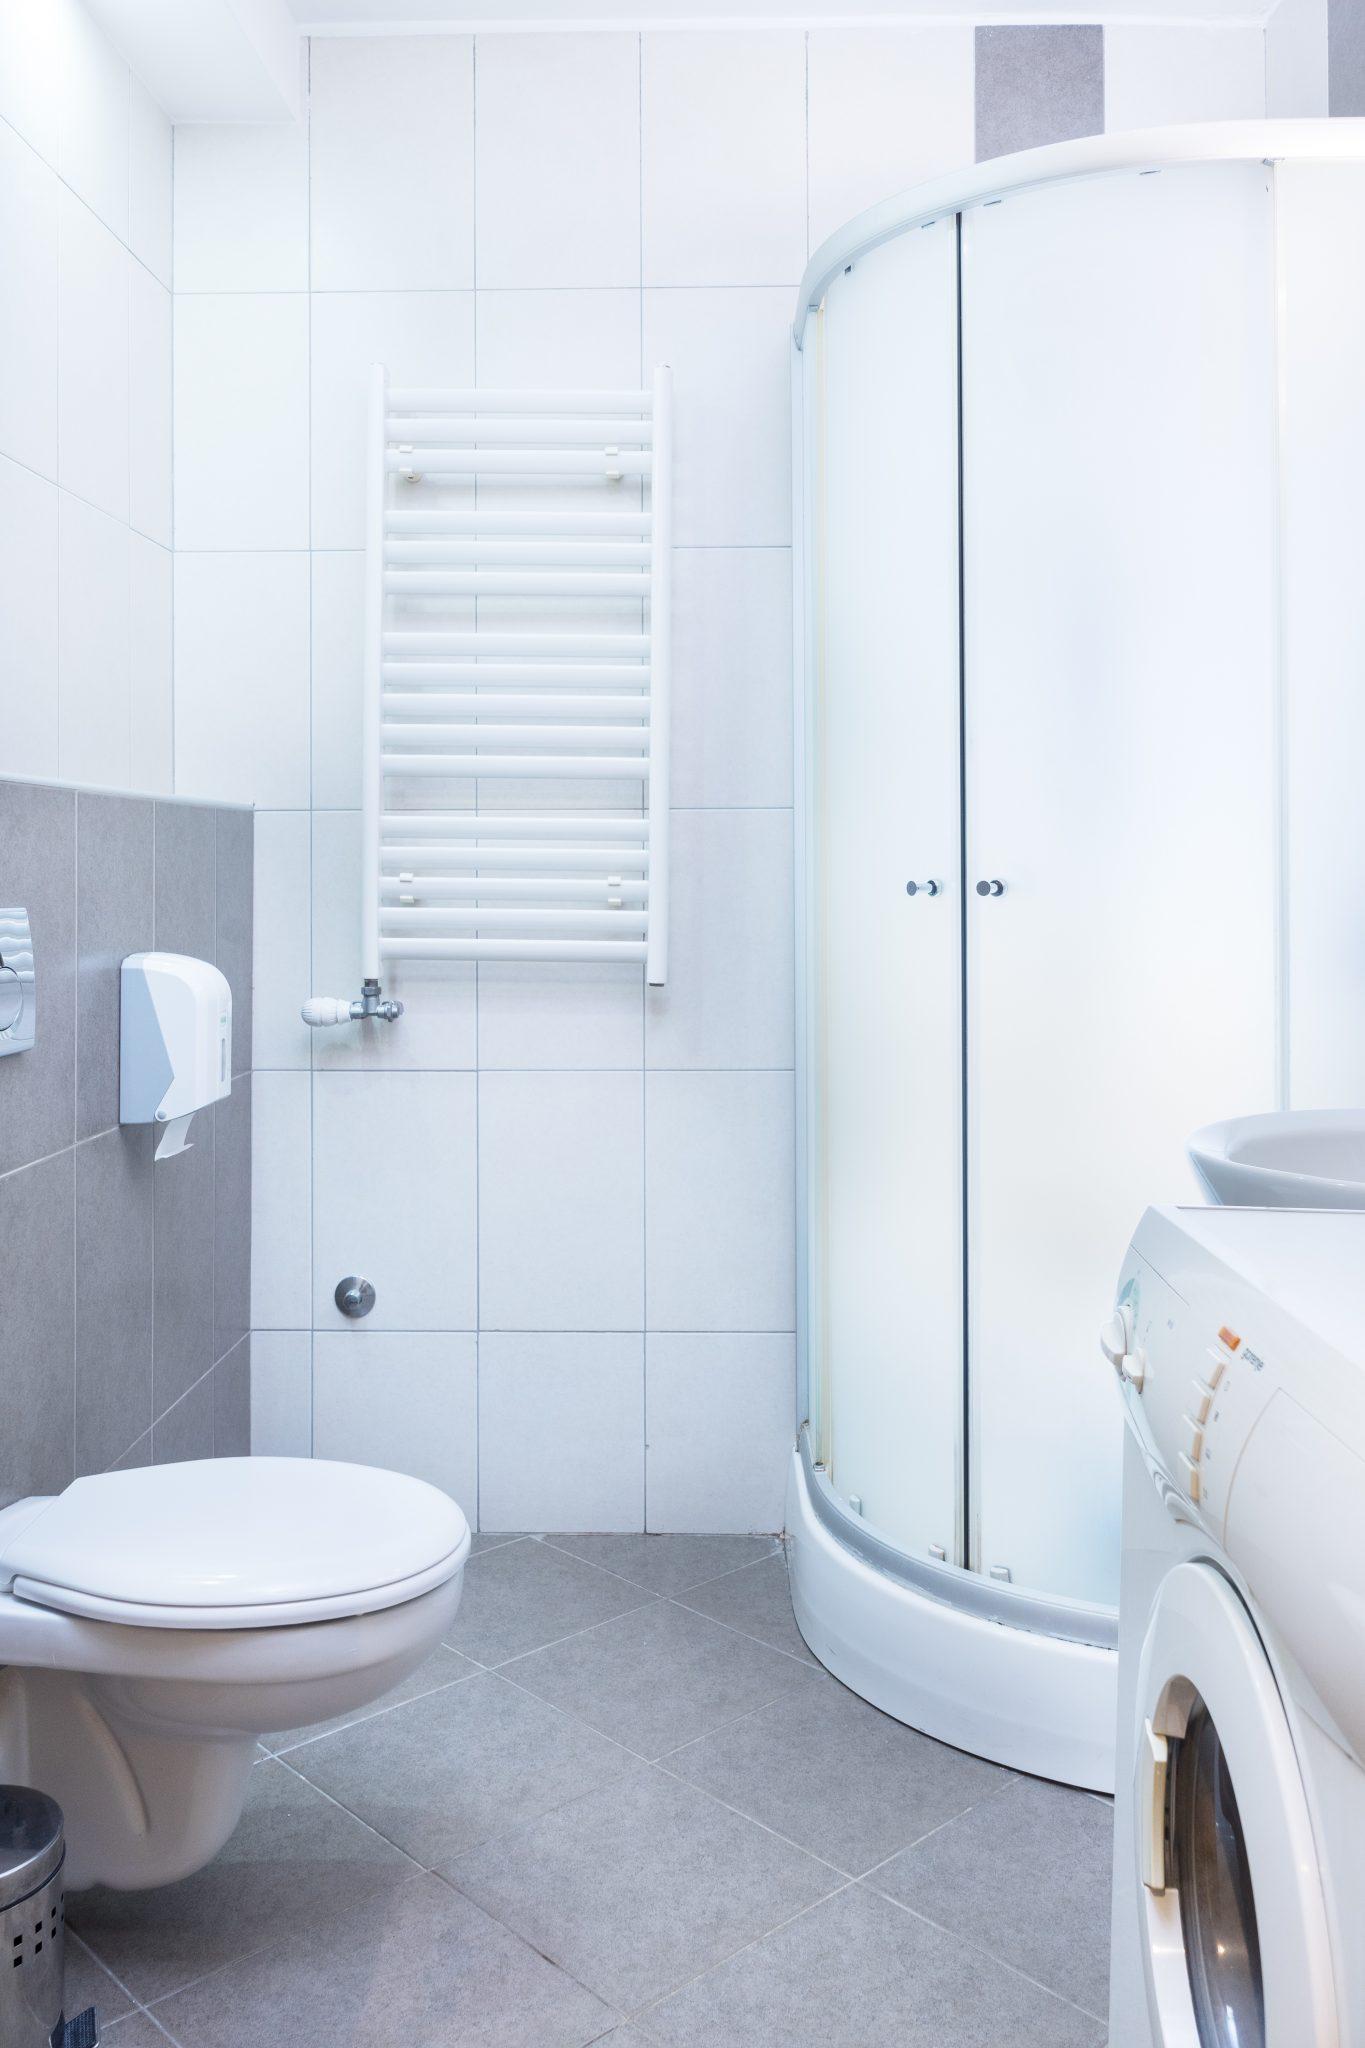 Apartman B 204 studio apartman sa terasom | Kupatilo